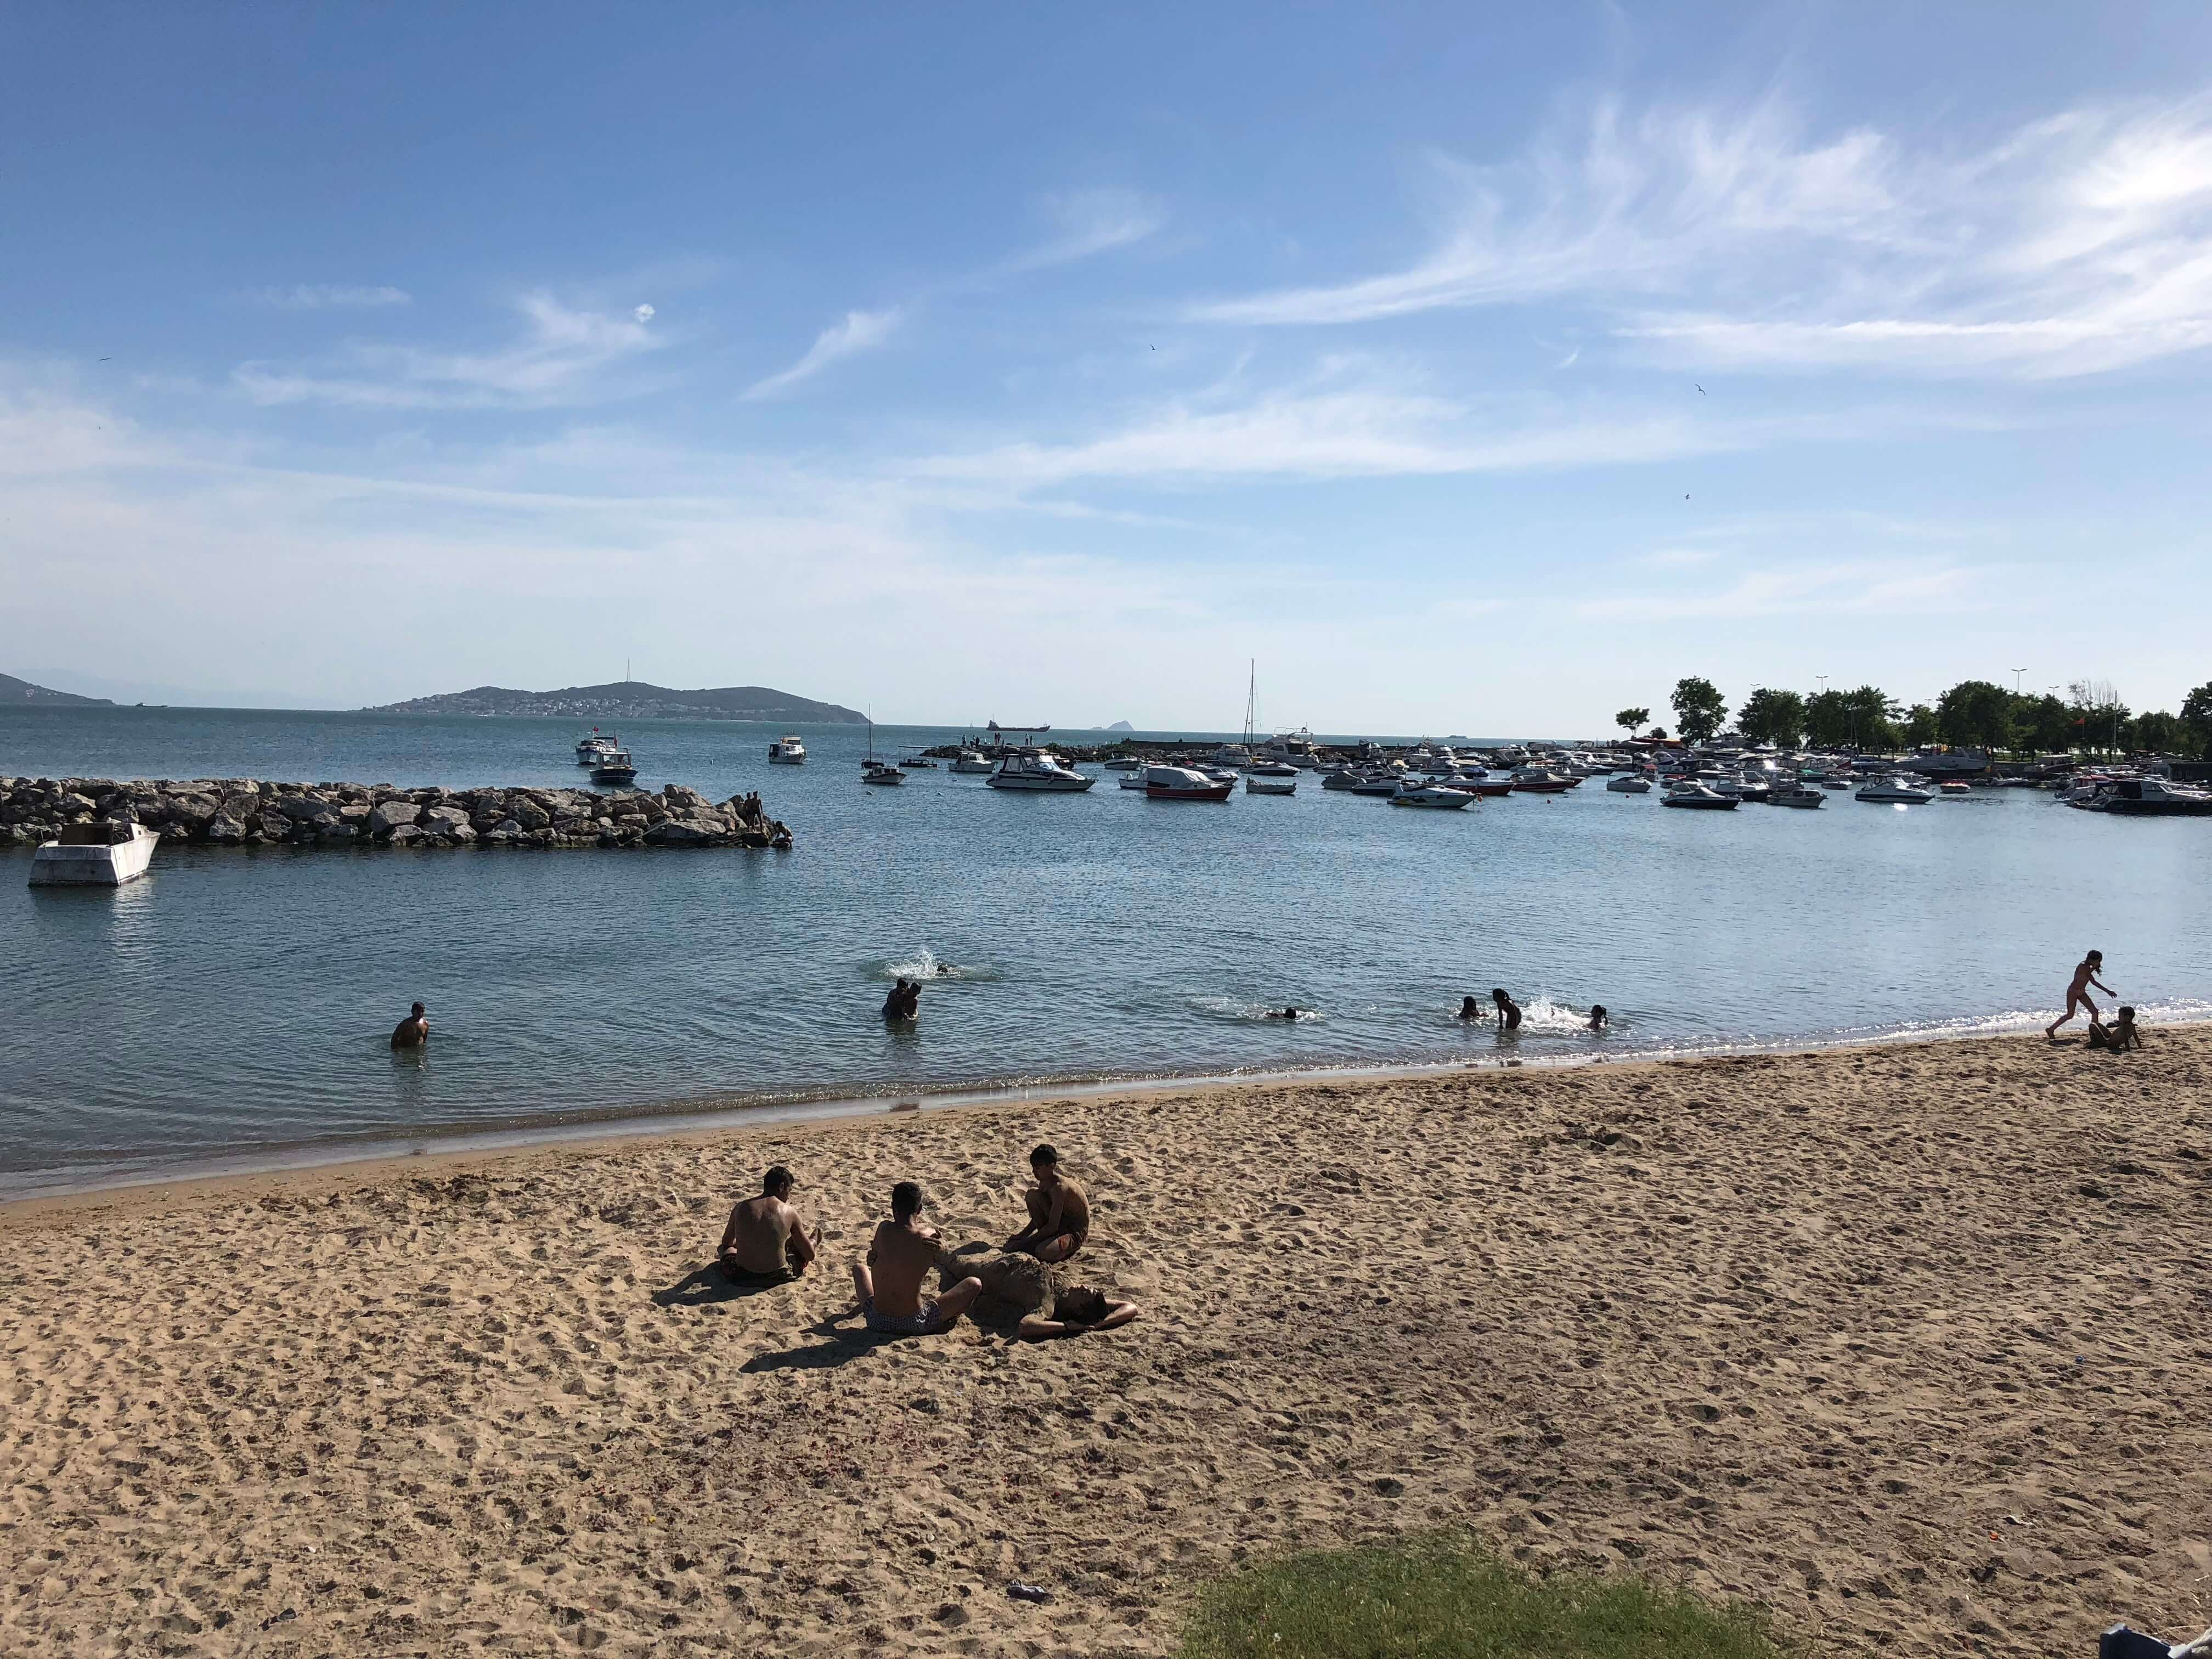 en güzel istanbul plajları - suadiye plajı